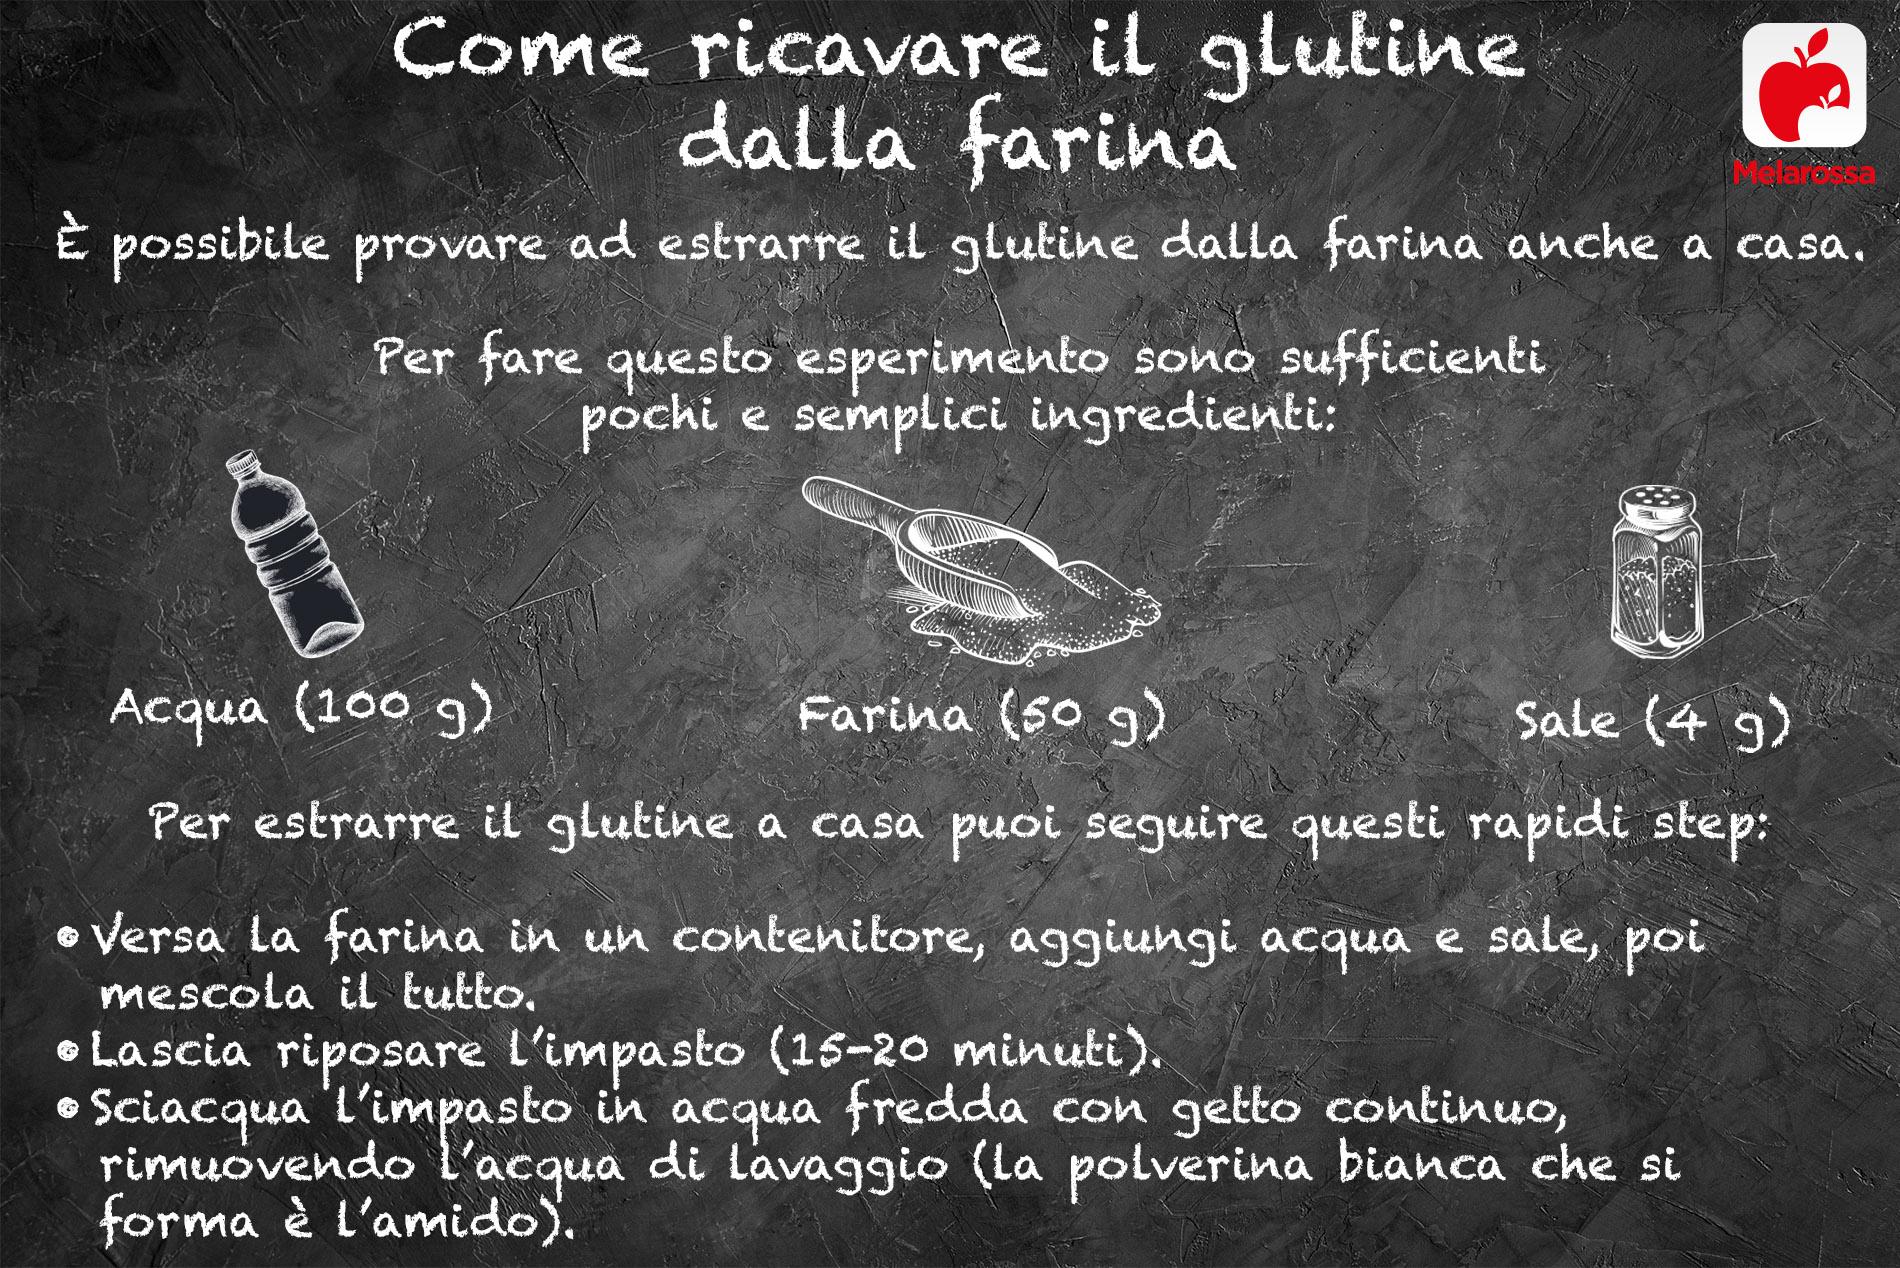 glutine: come ricavarlo